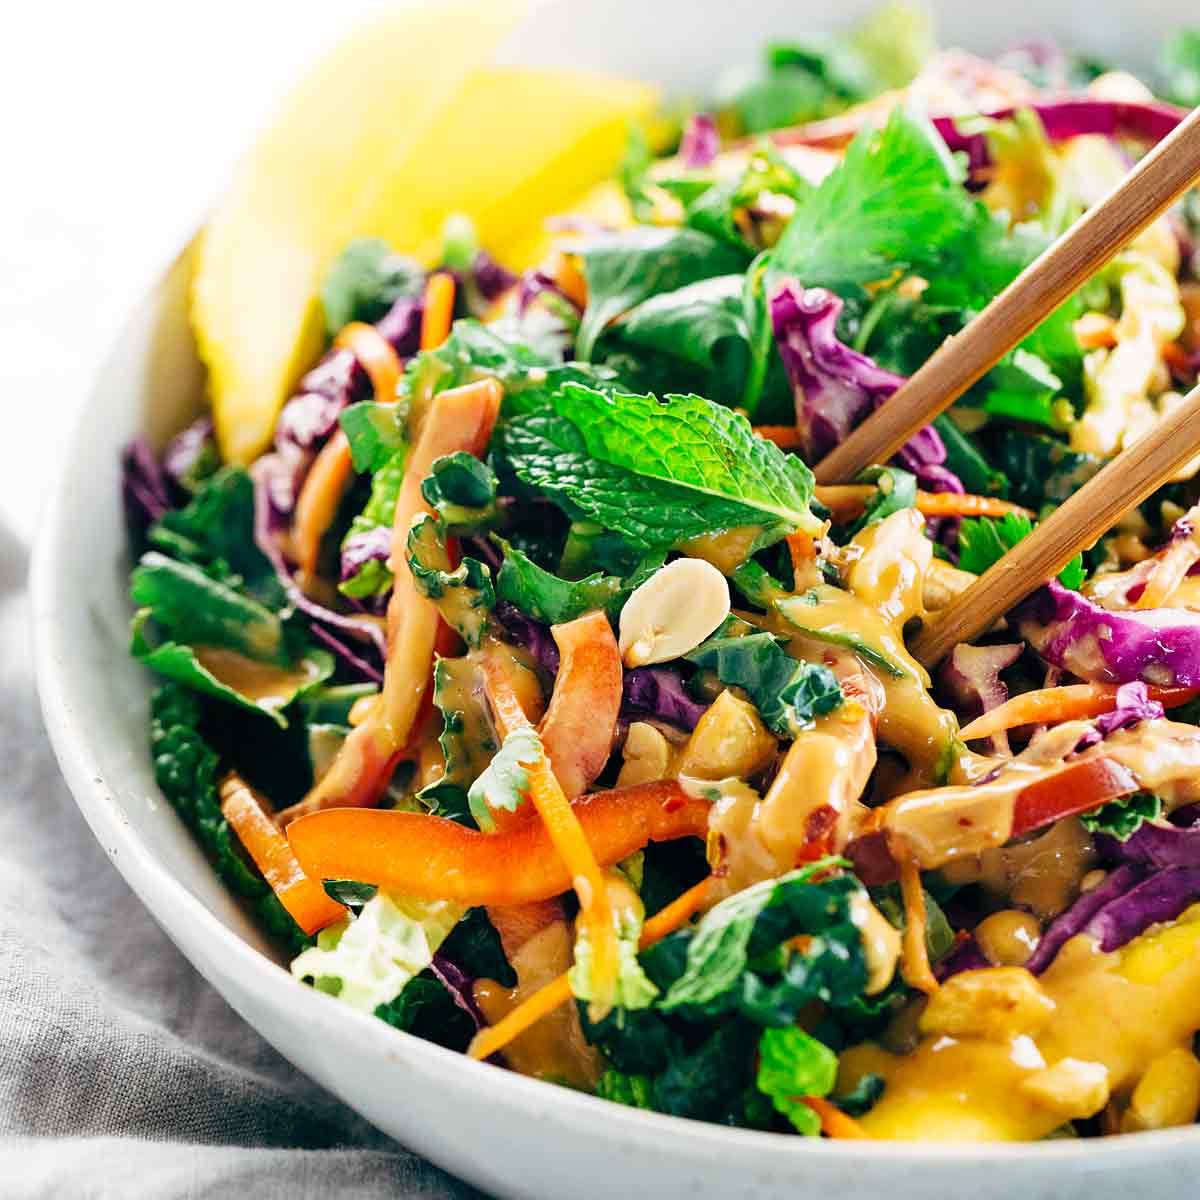 Rainbow beef salad